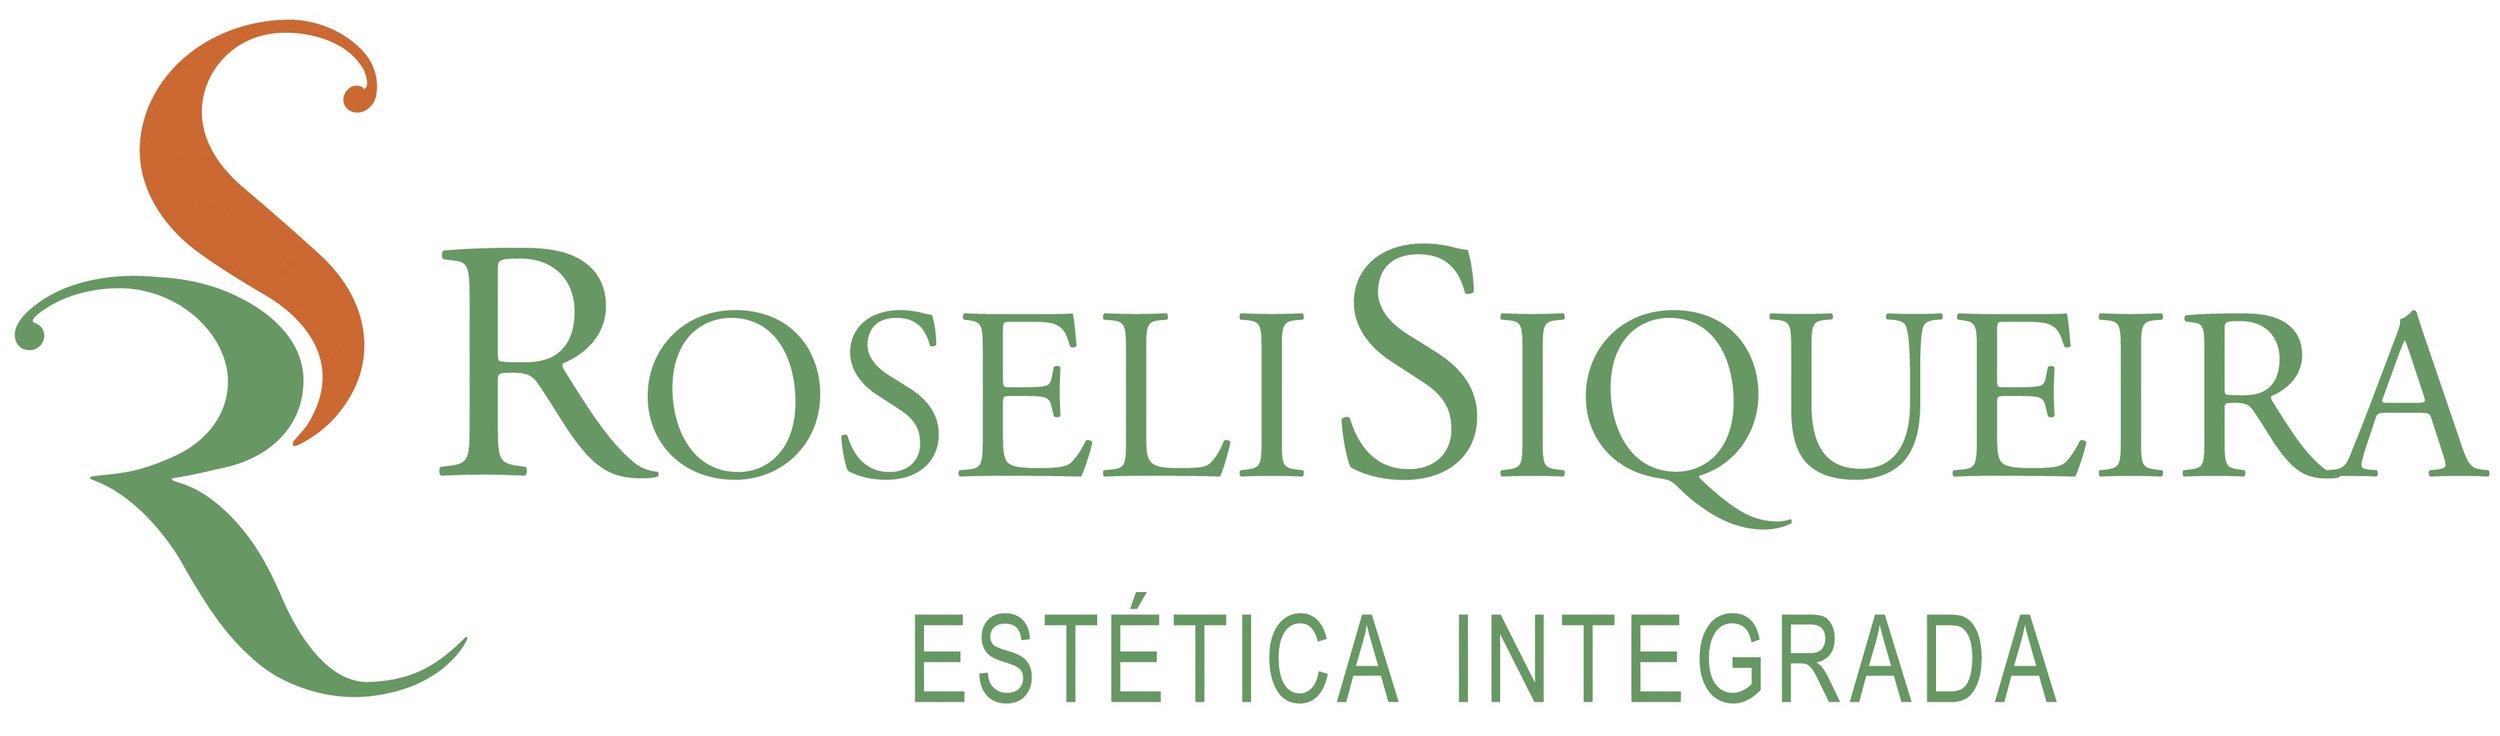 Roseli Siqueira_alta logo.jpg